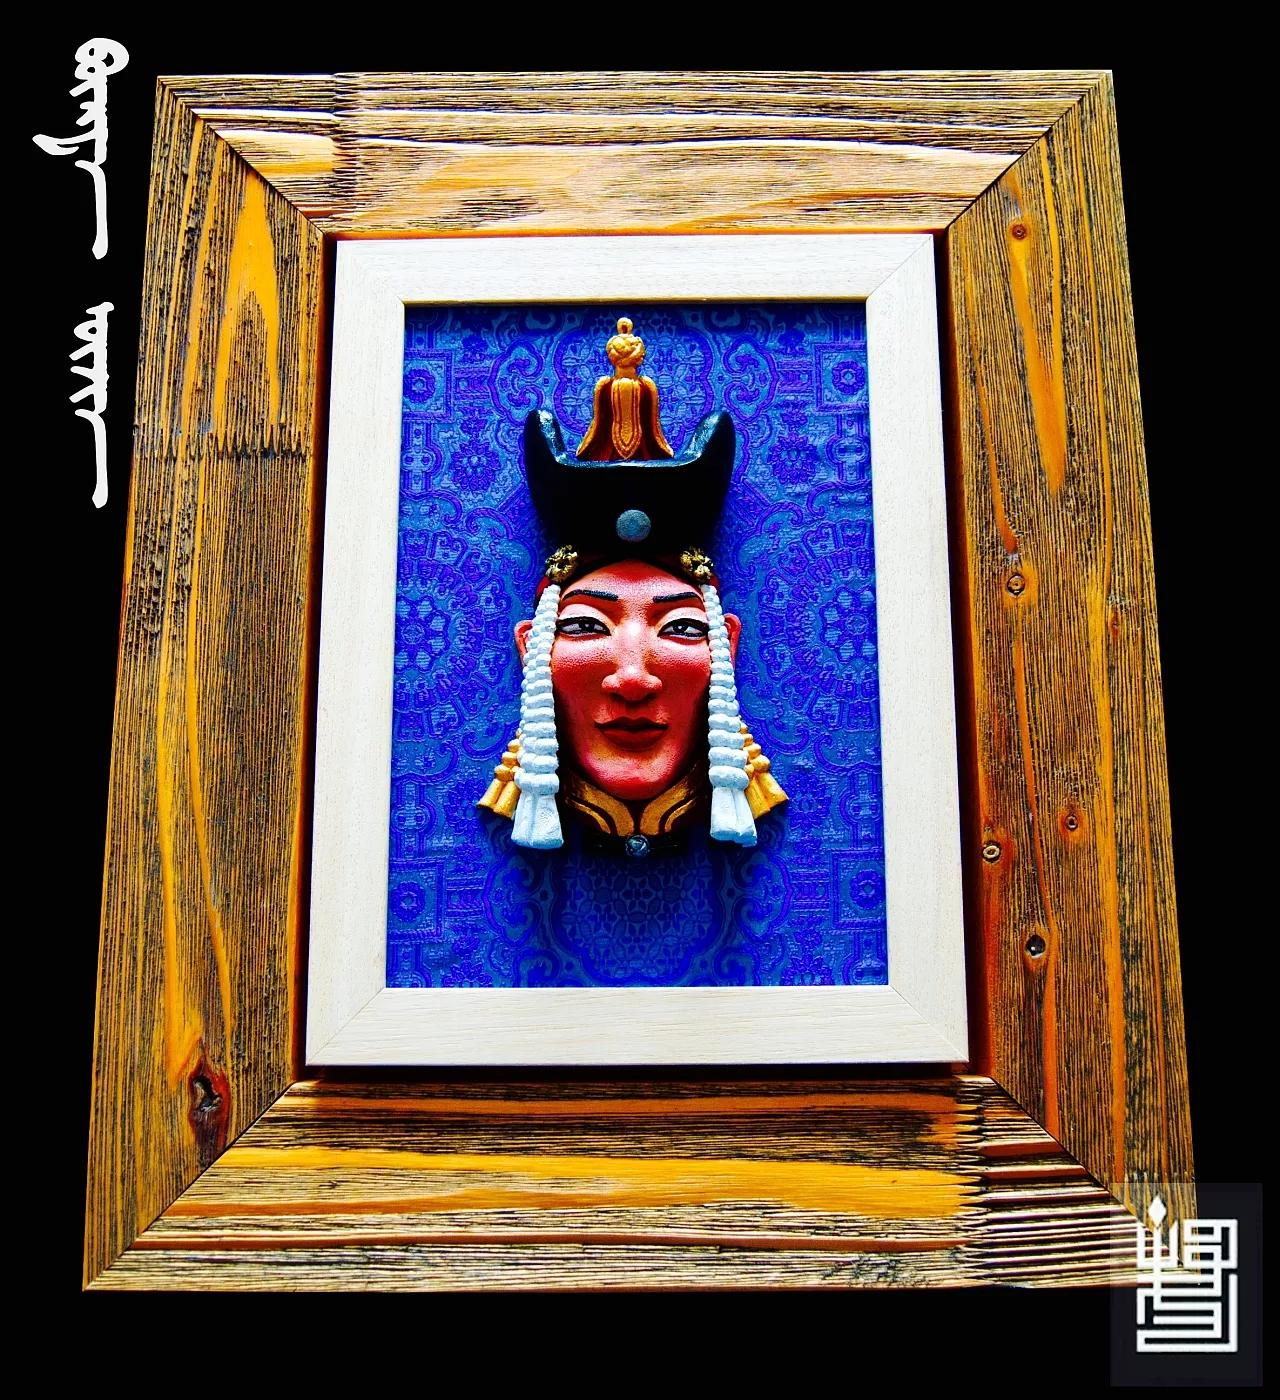 蒙古人物头像工艺装饰品 第1张